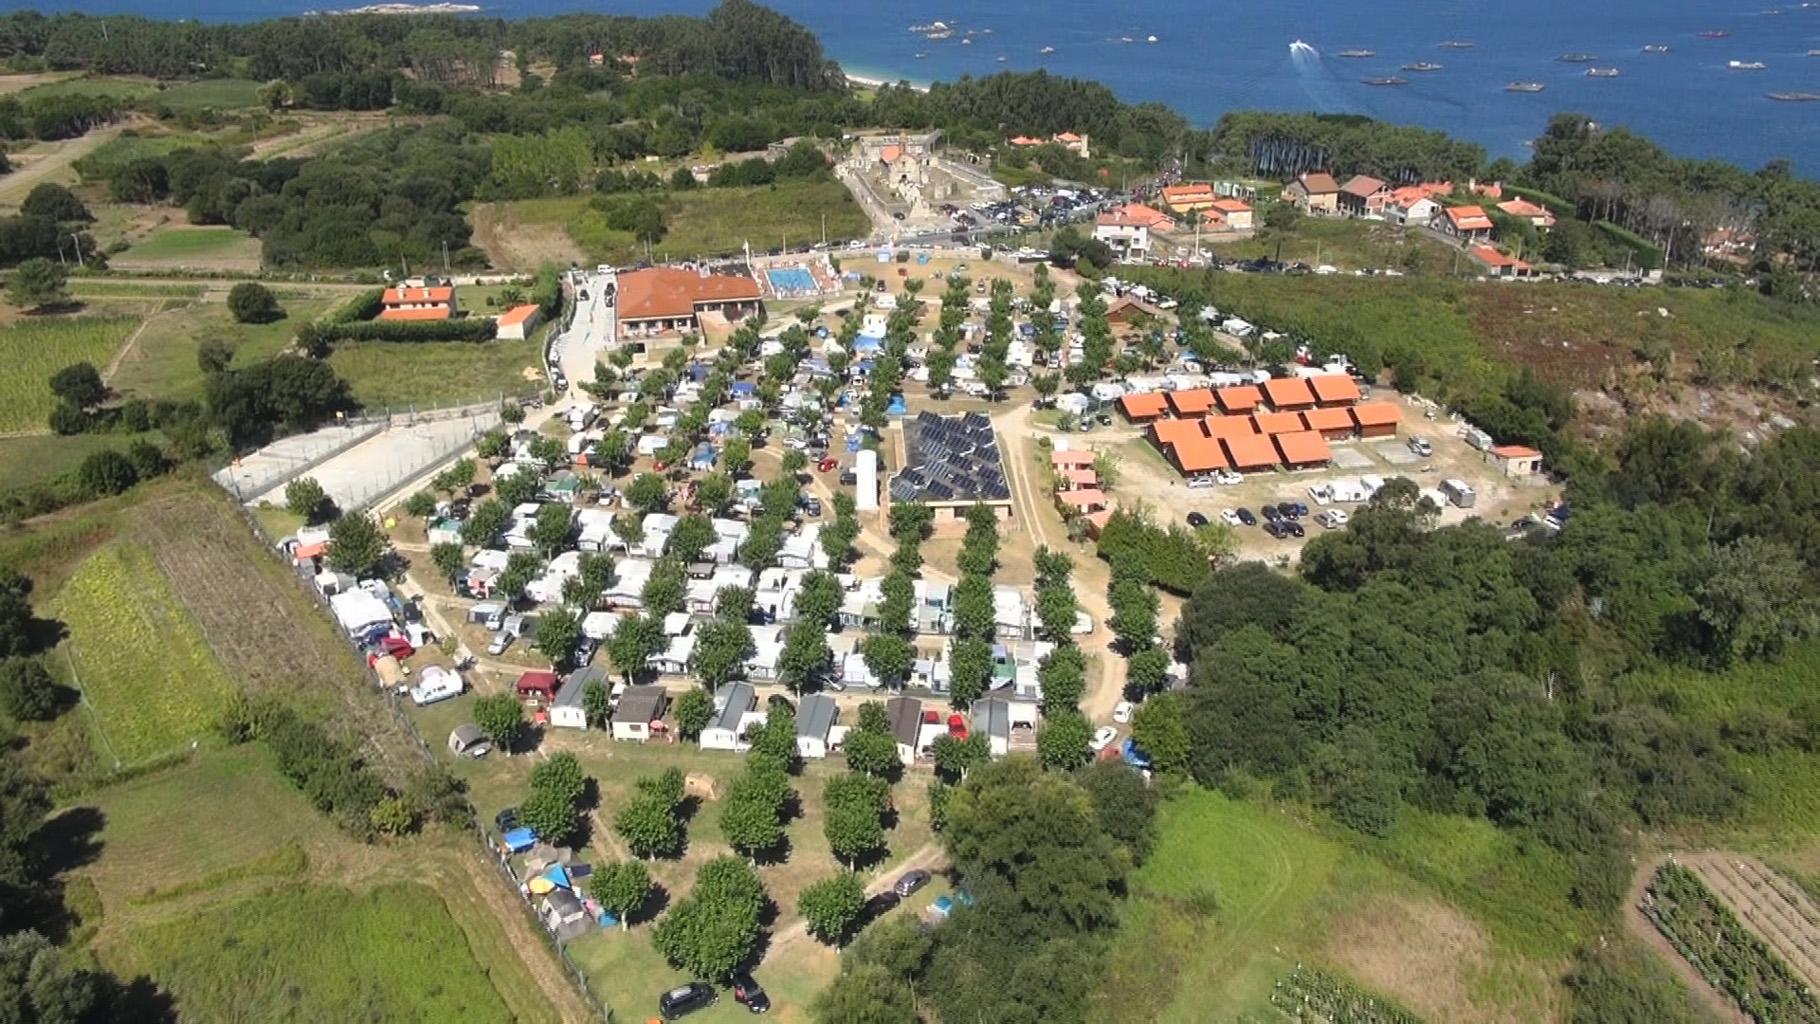 Vista detalle de camping cerca de la playa